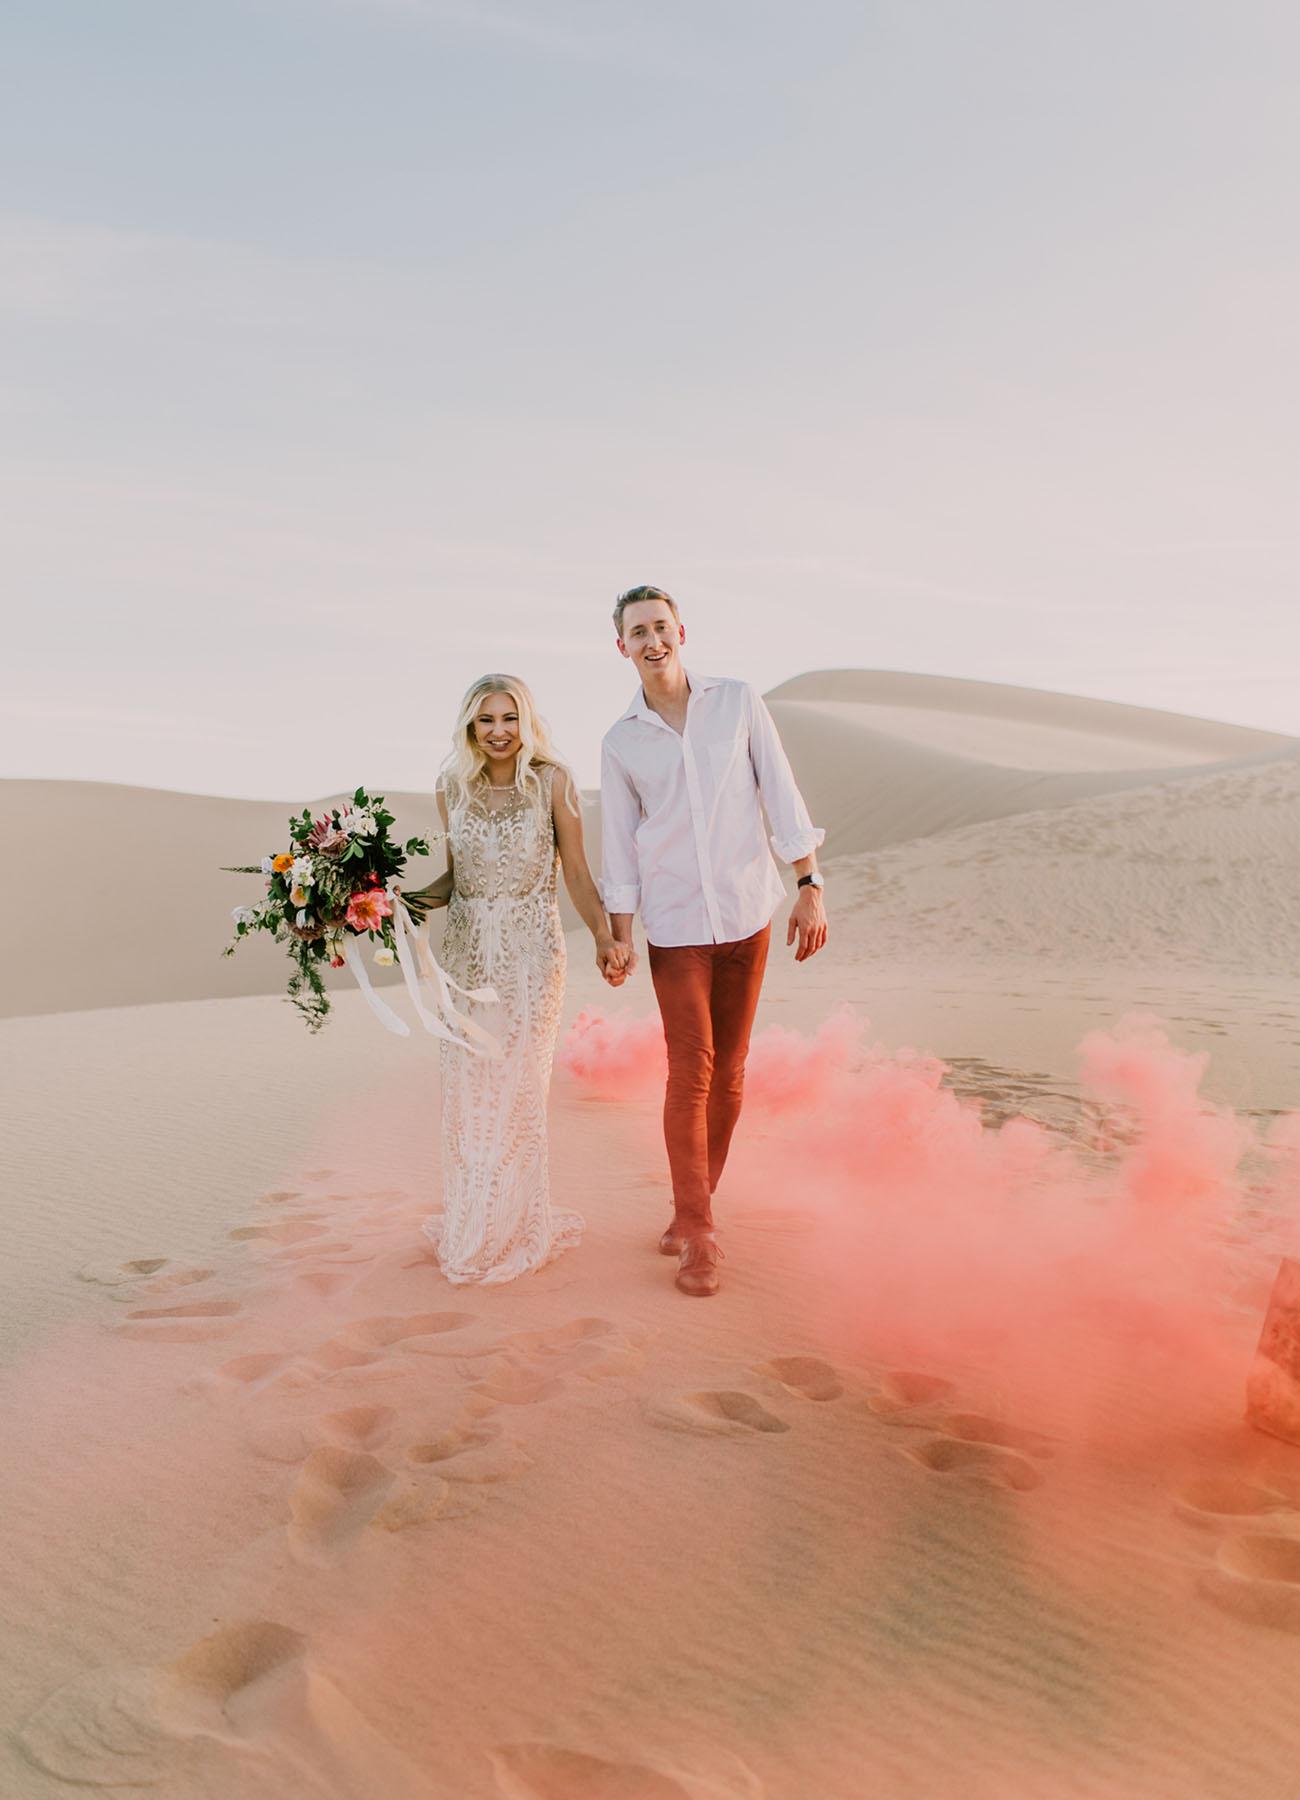 Gekleurde rookbom in het zand